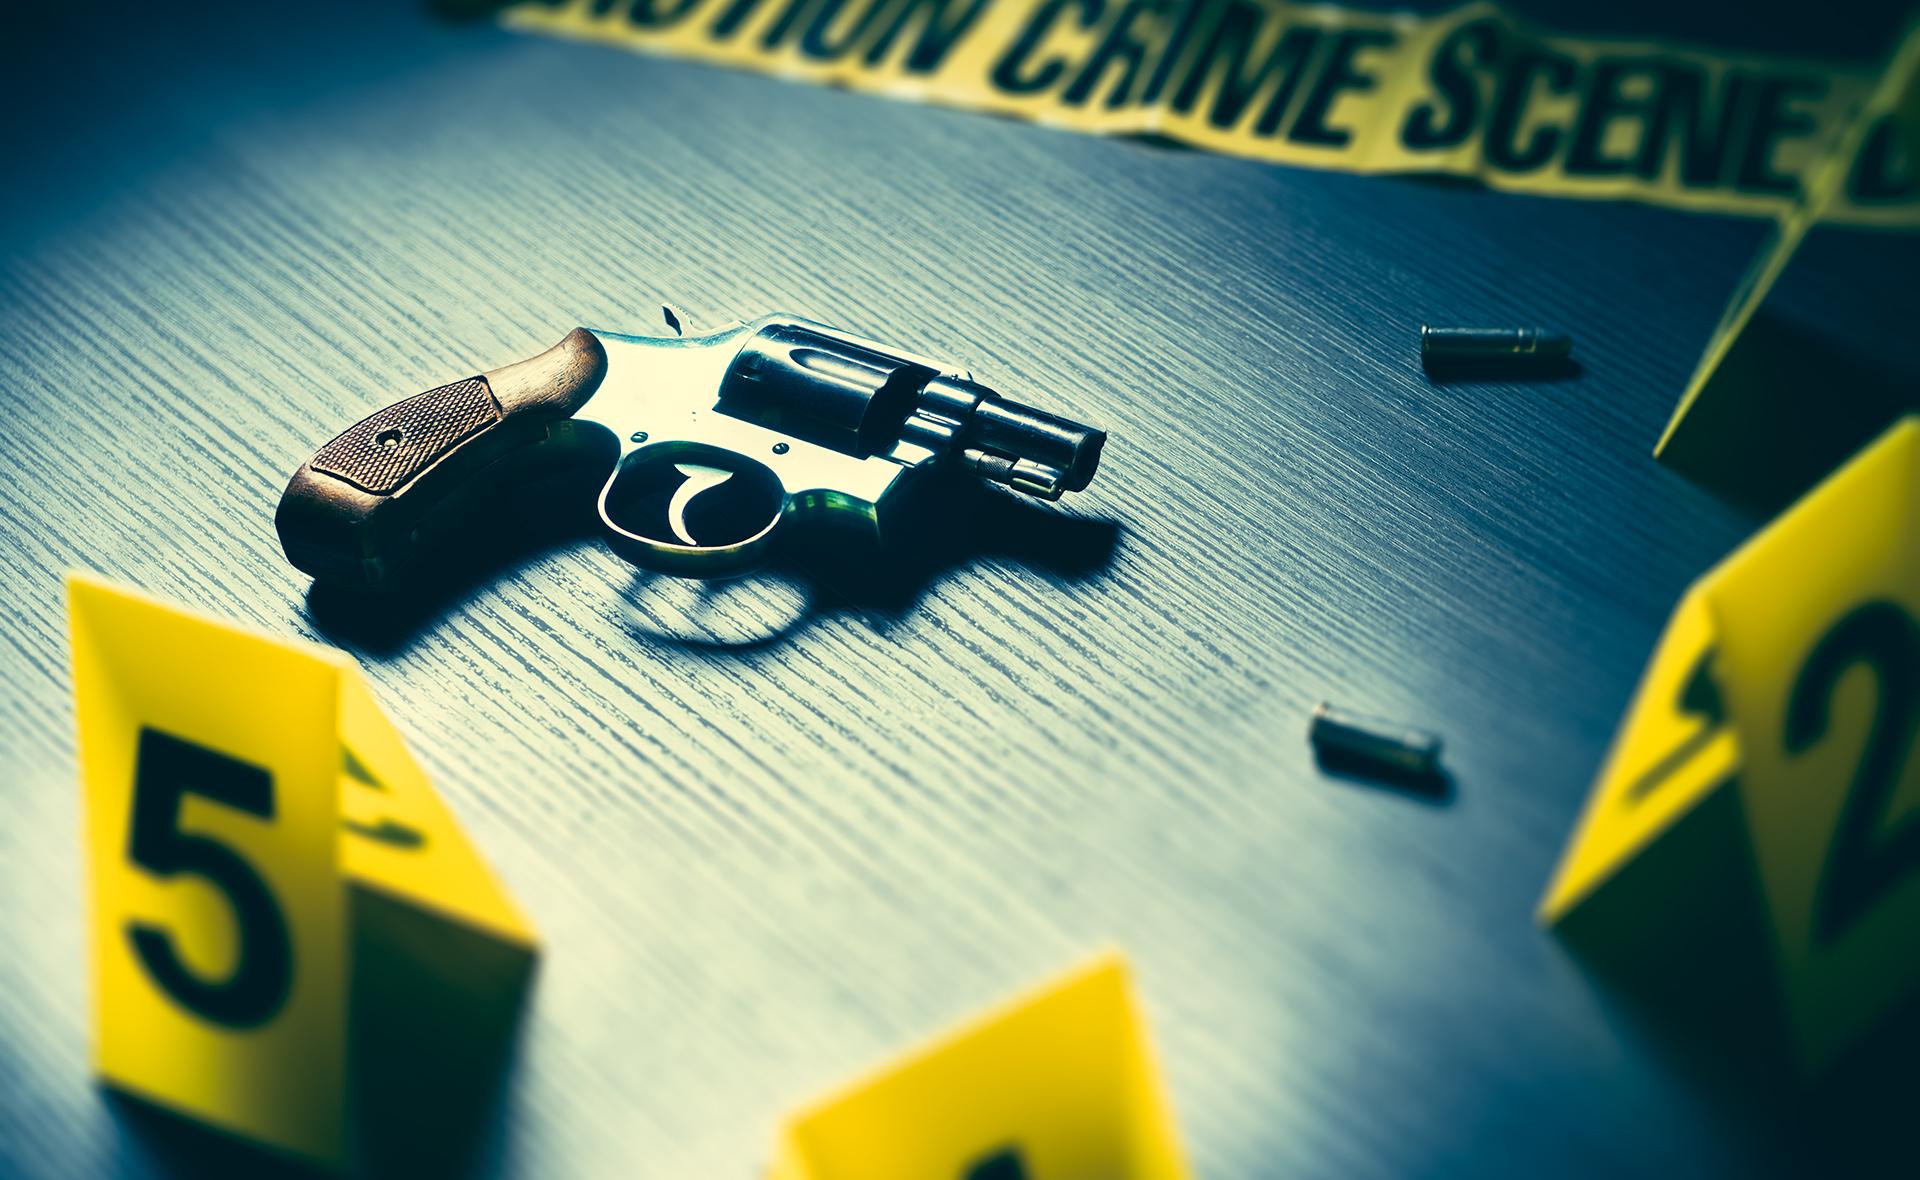 20 People Killed in Walmart Shooting